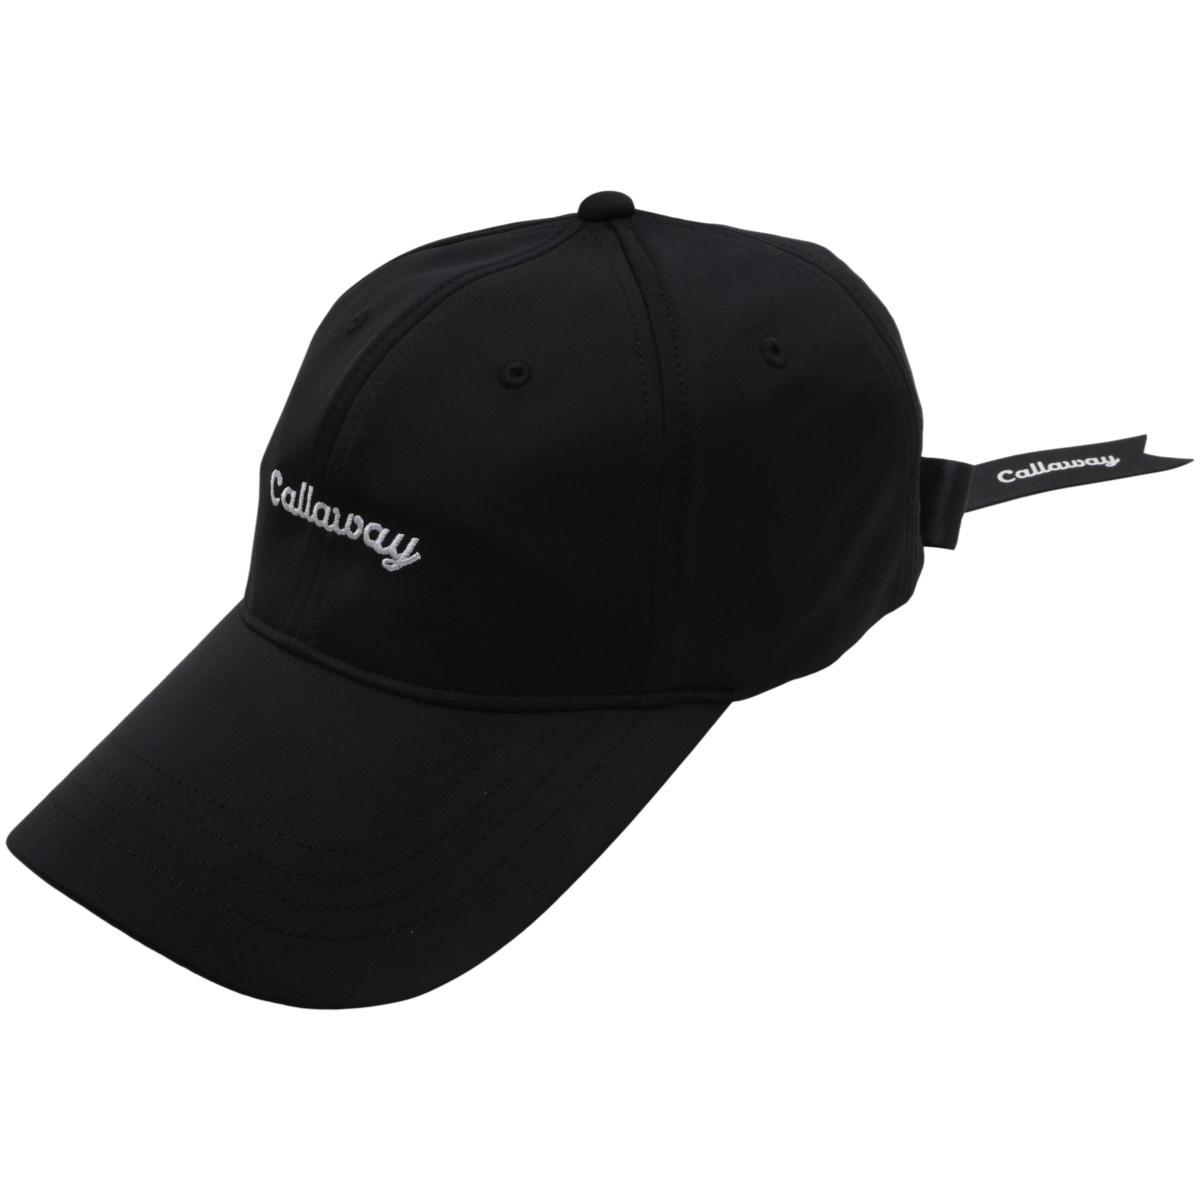 キャロウェイゴルフ Callaway Golf バックリボンキャップ フリー ブラック 010 レディス